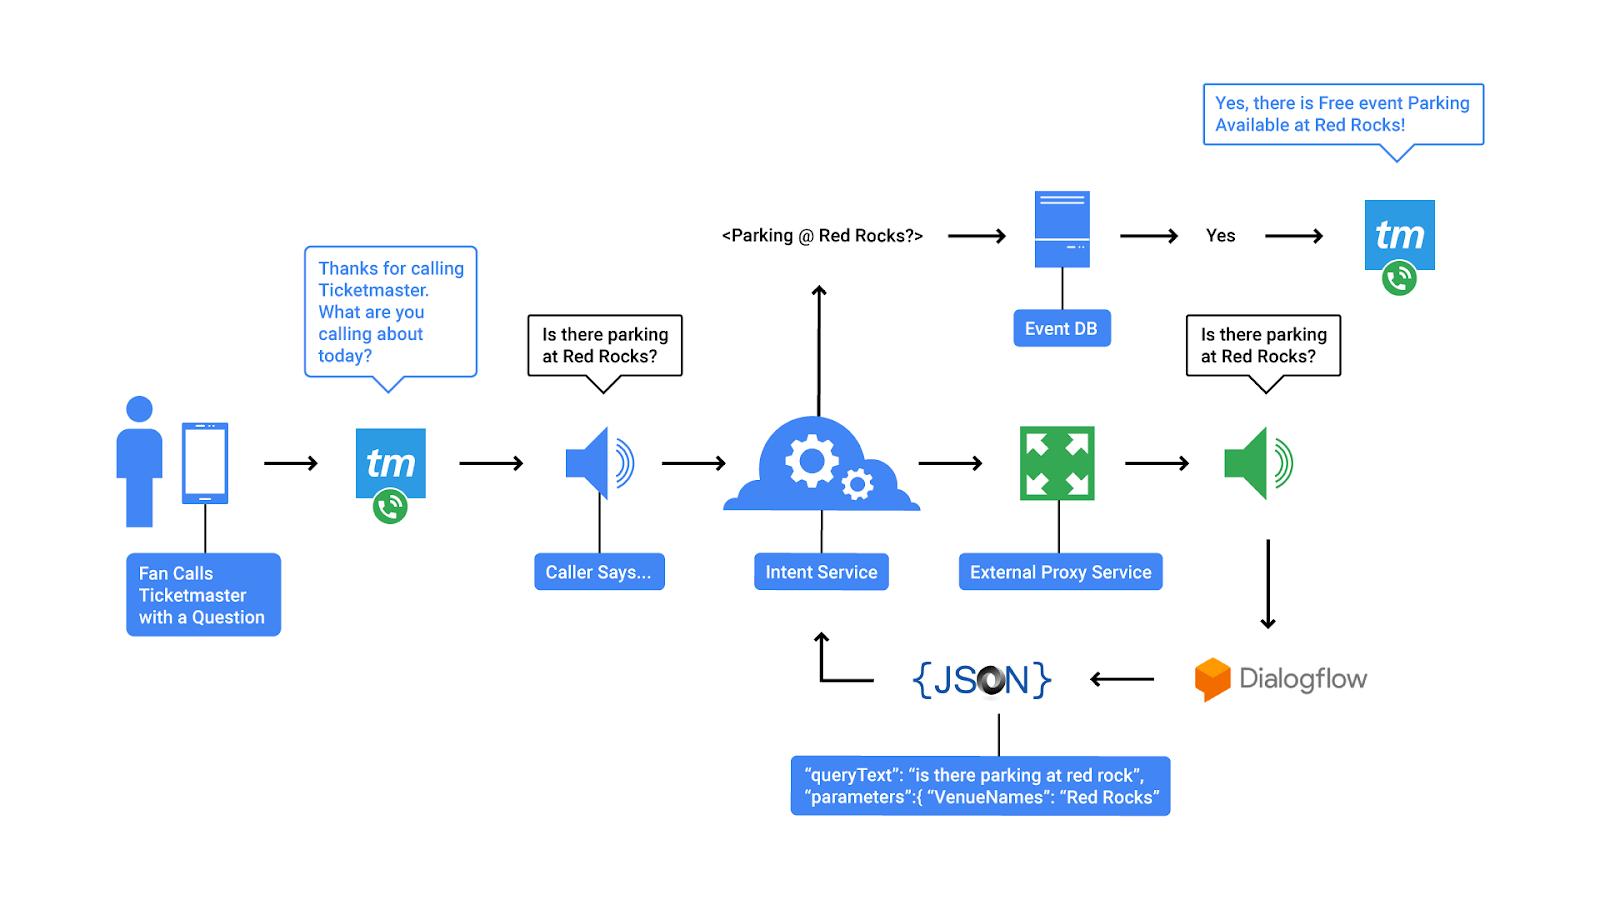 Dialogflow example